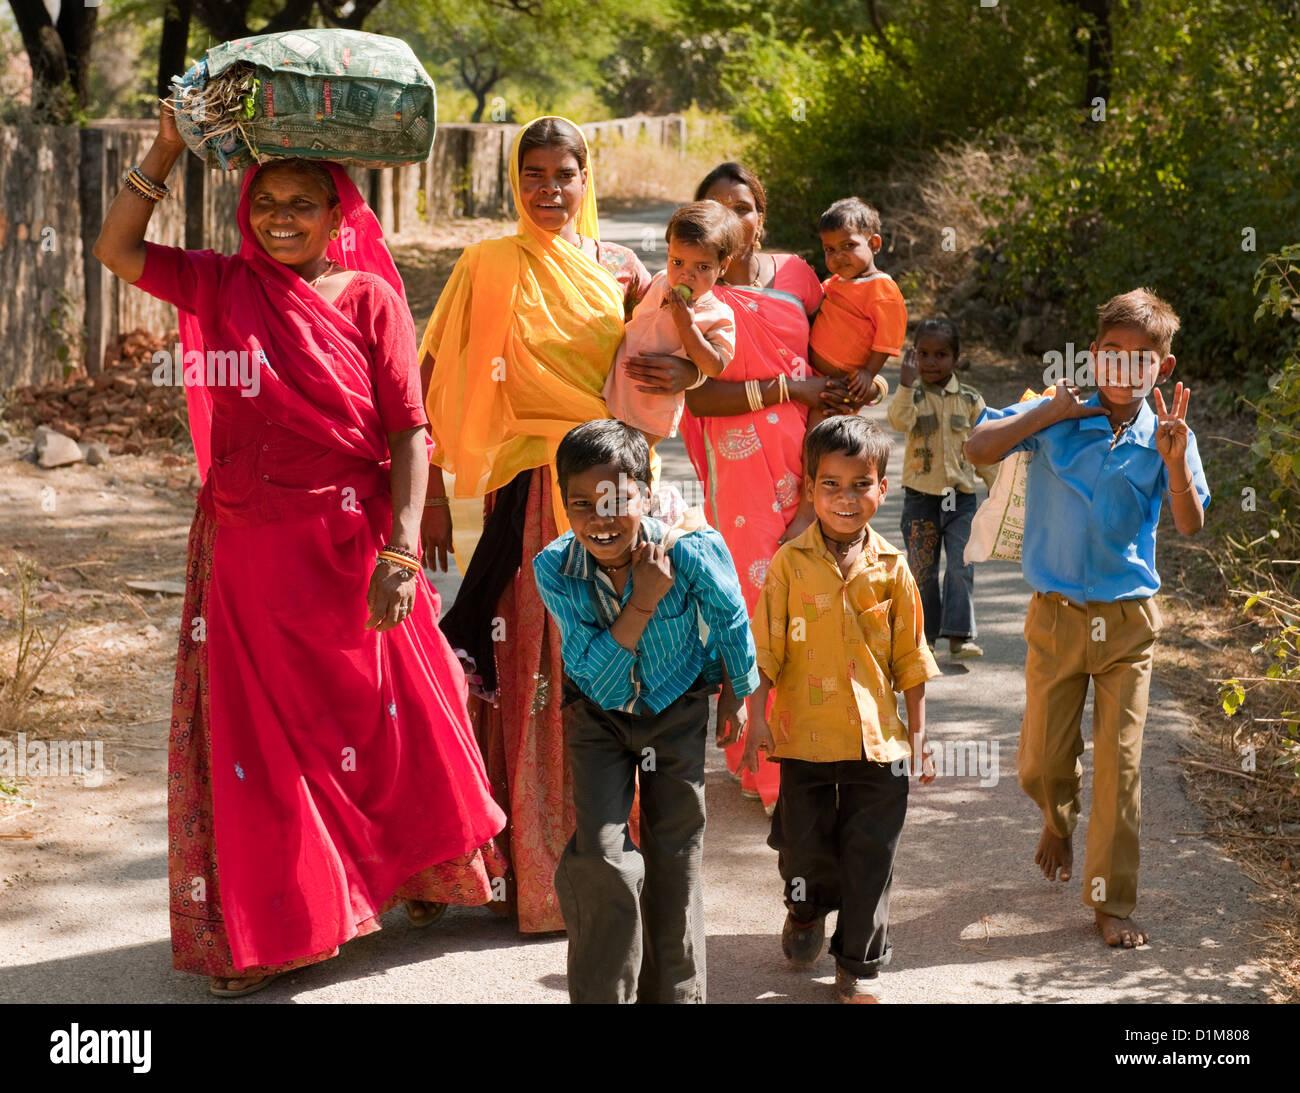 Une famille d'Indiens colorés happy smiling groupe de femmes garçons filles et un bébé de Photo Stock